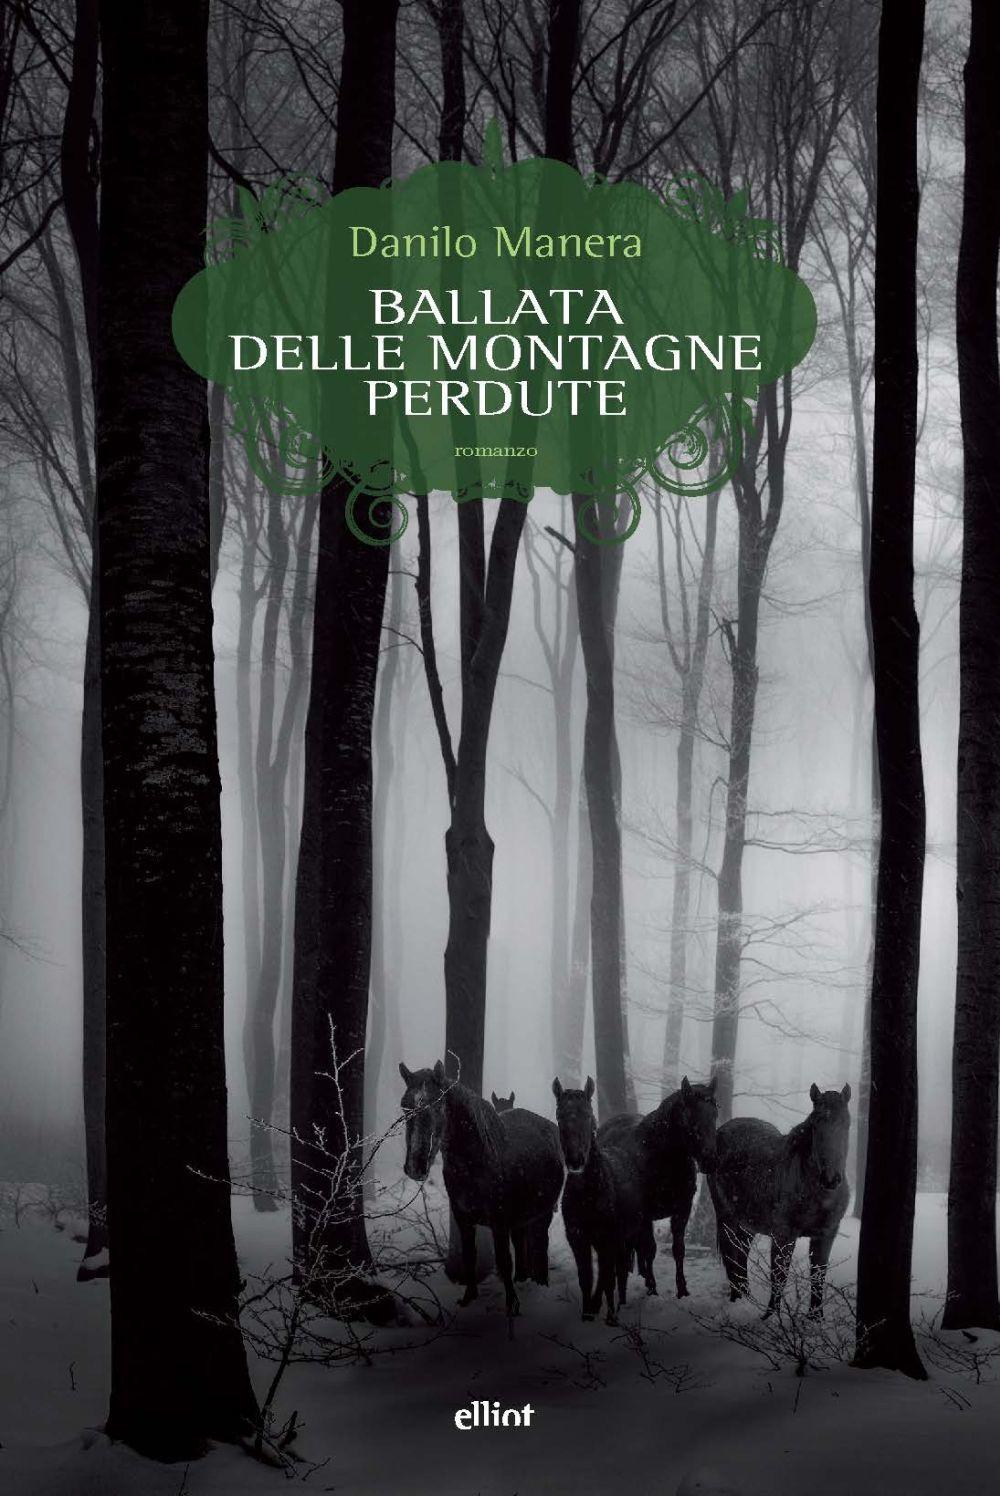 BALLATA DELLE MONTAGNE PERDUTE - Manera Danilo - 9788869939419